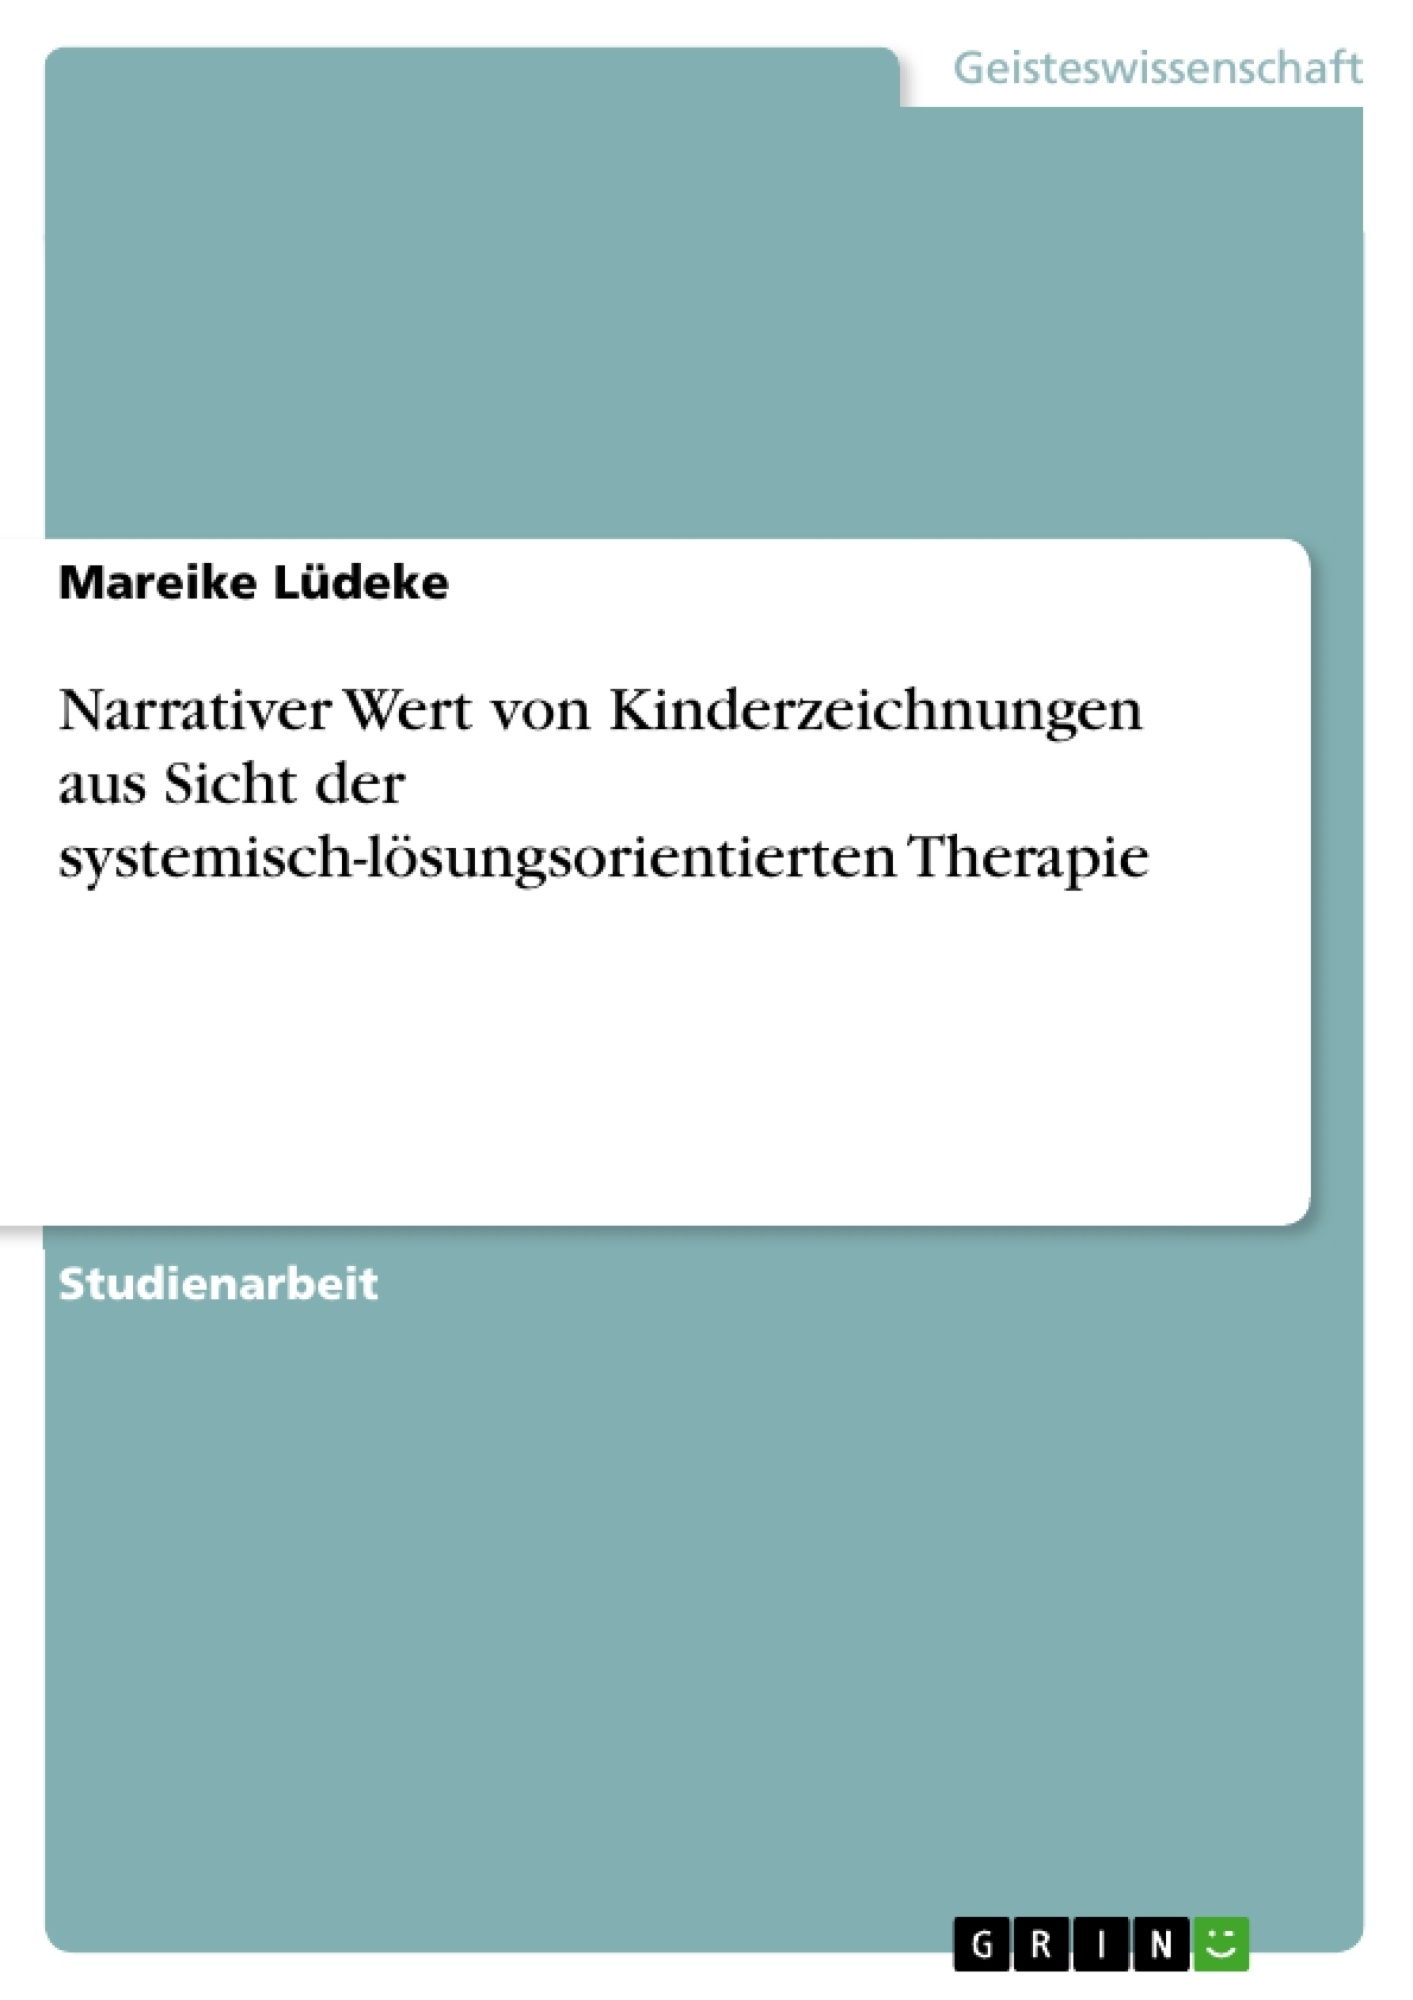 Titel: Narrativer Wert von Kinderzeichnungen aus Sicht der systemisch-lösungsorientierten Therapie